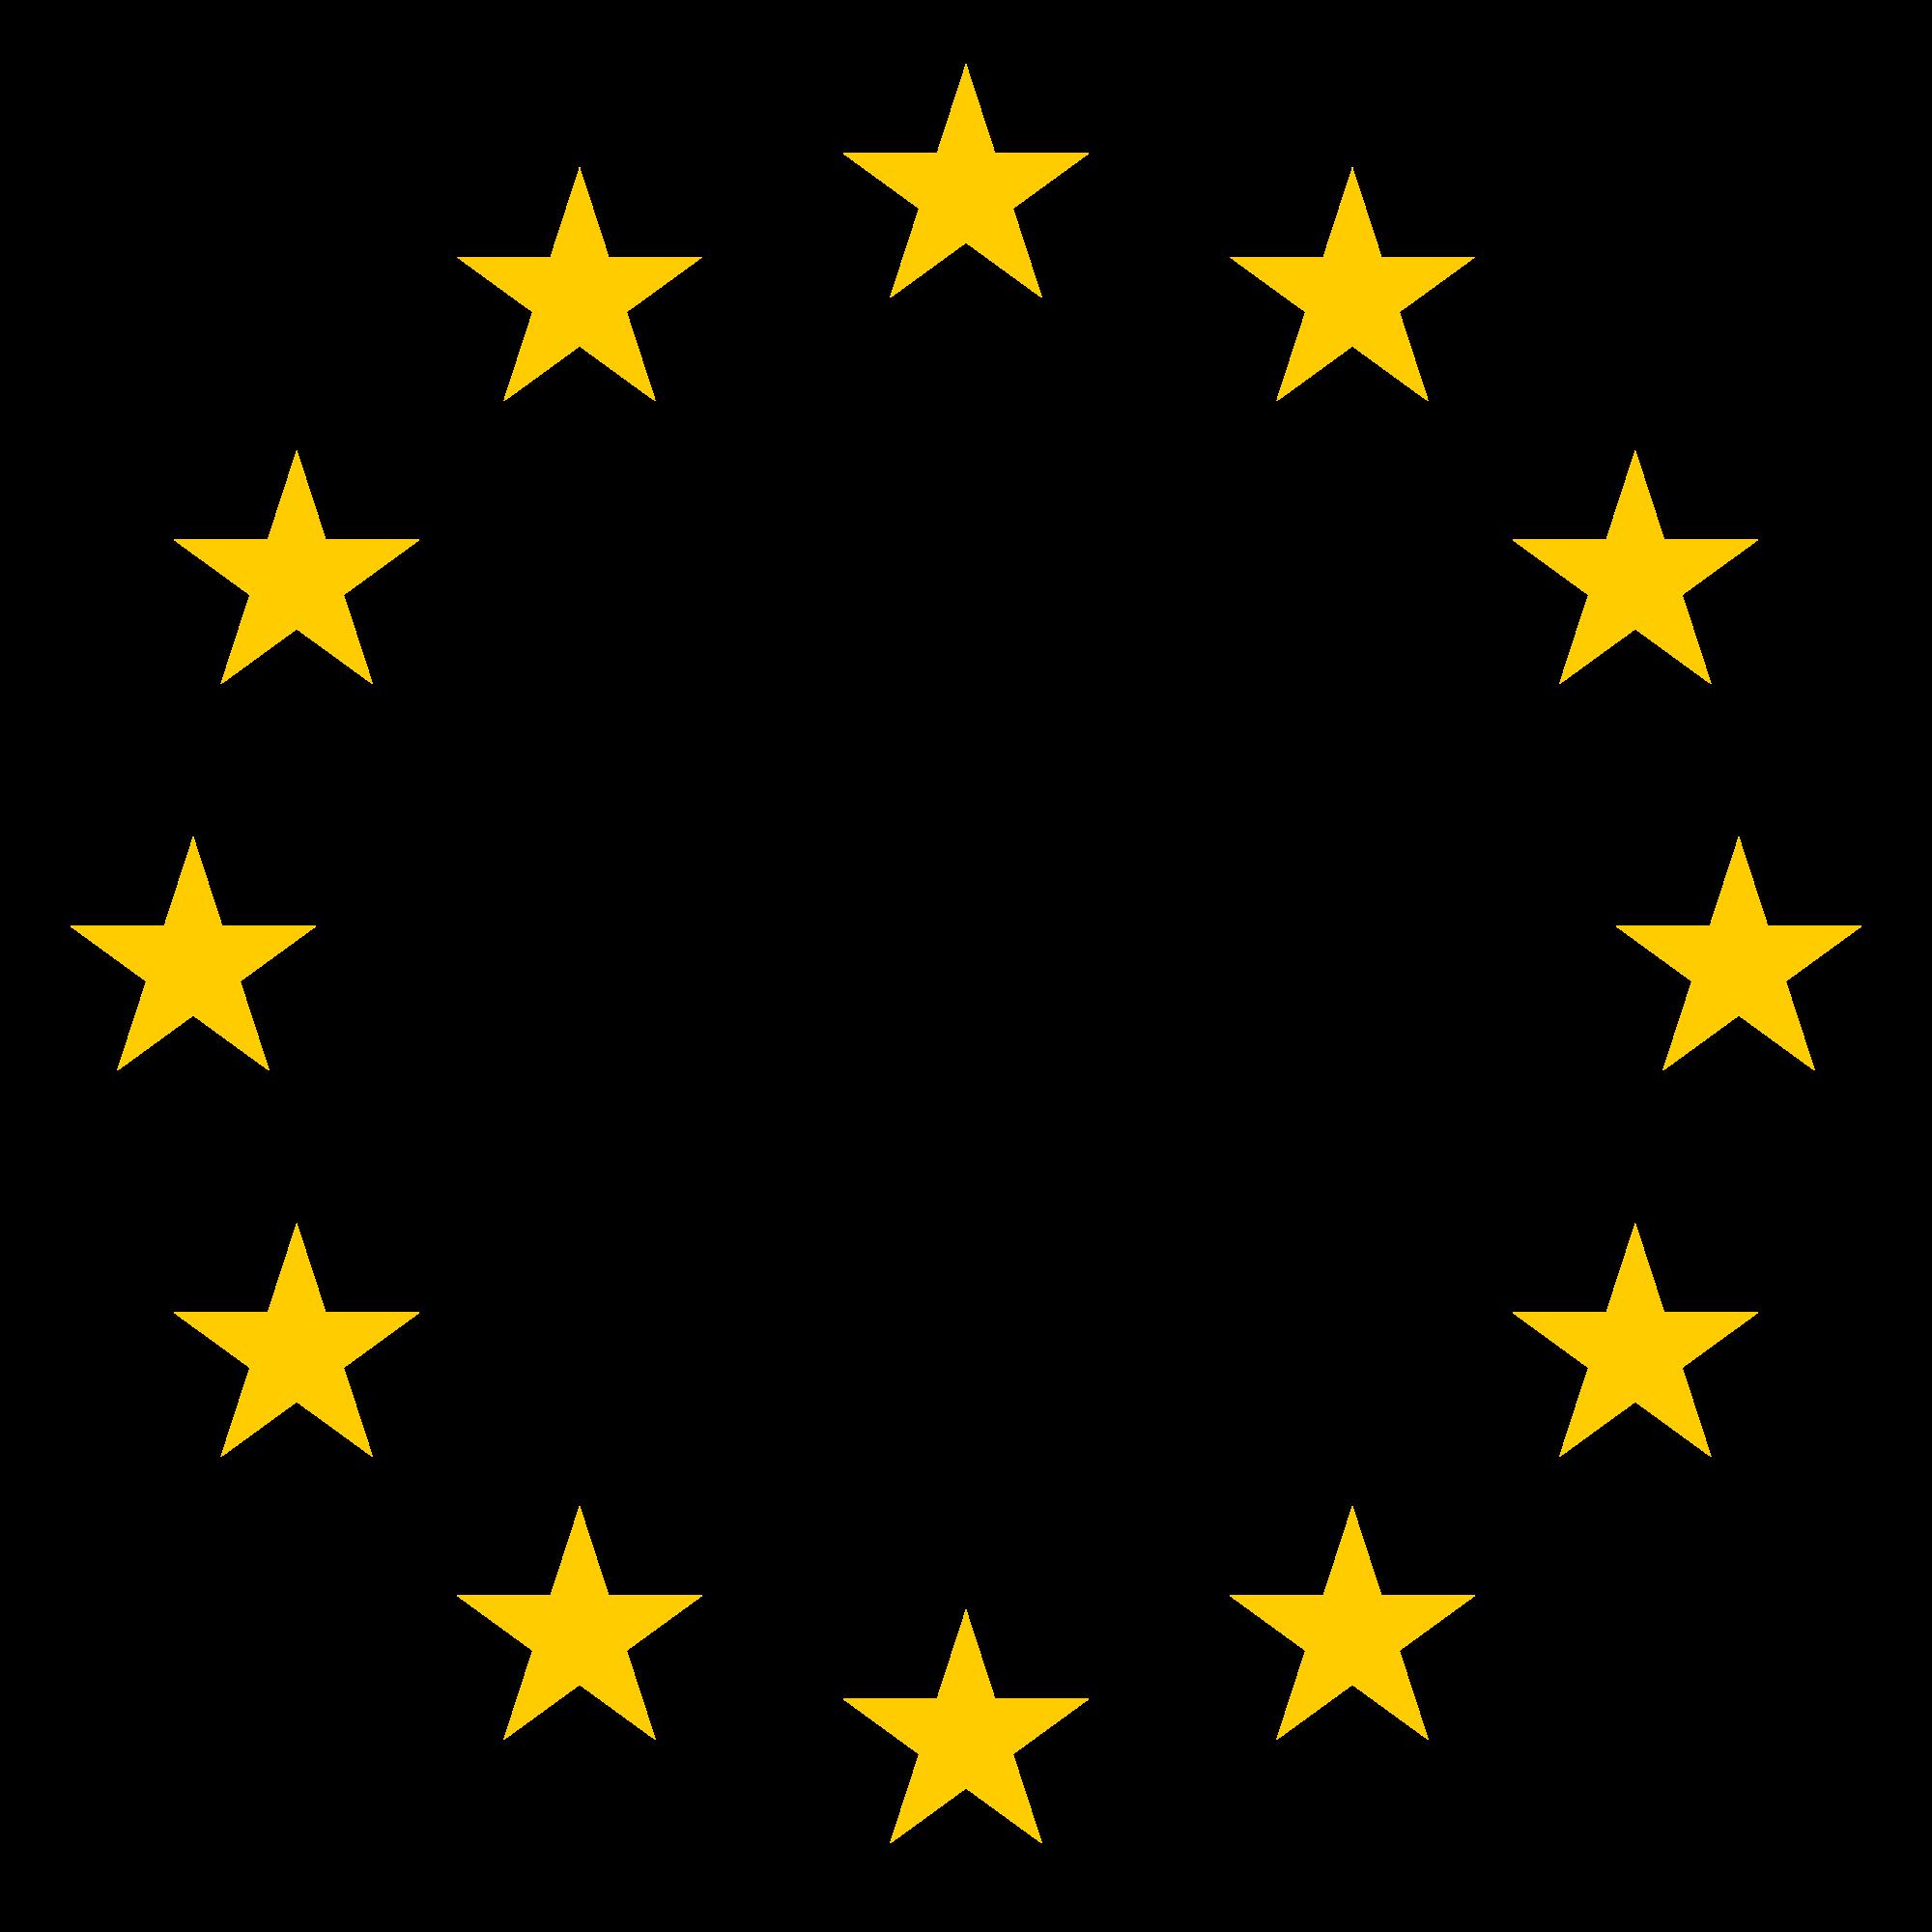 2000x2000 Fileeuropean Stars.svg